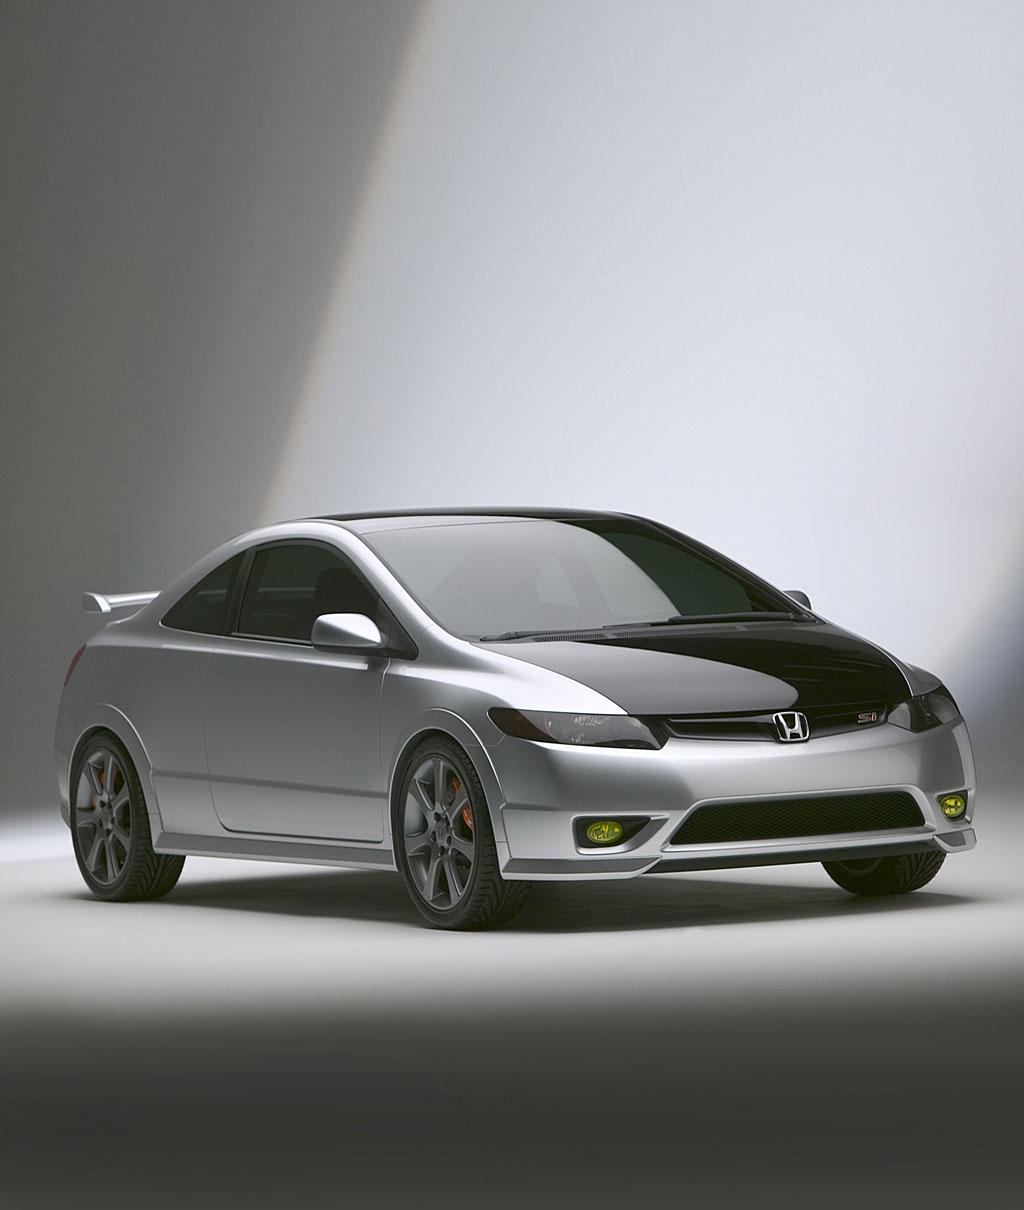 2005 Honda Civic Si